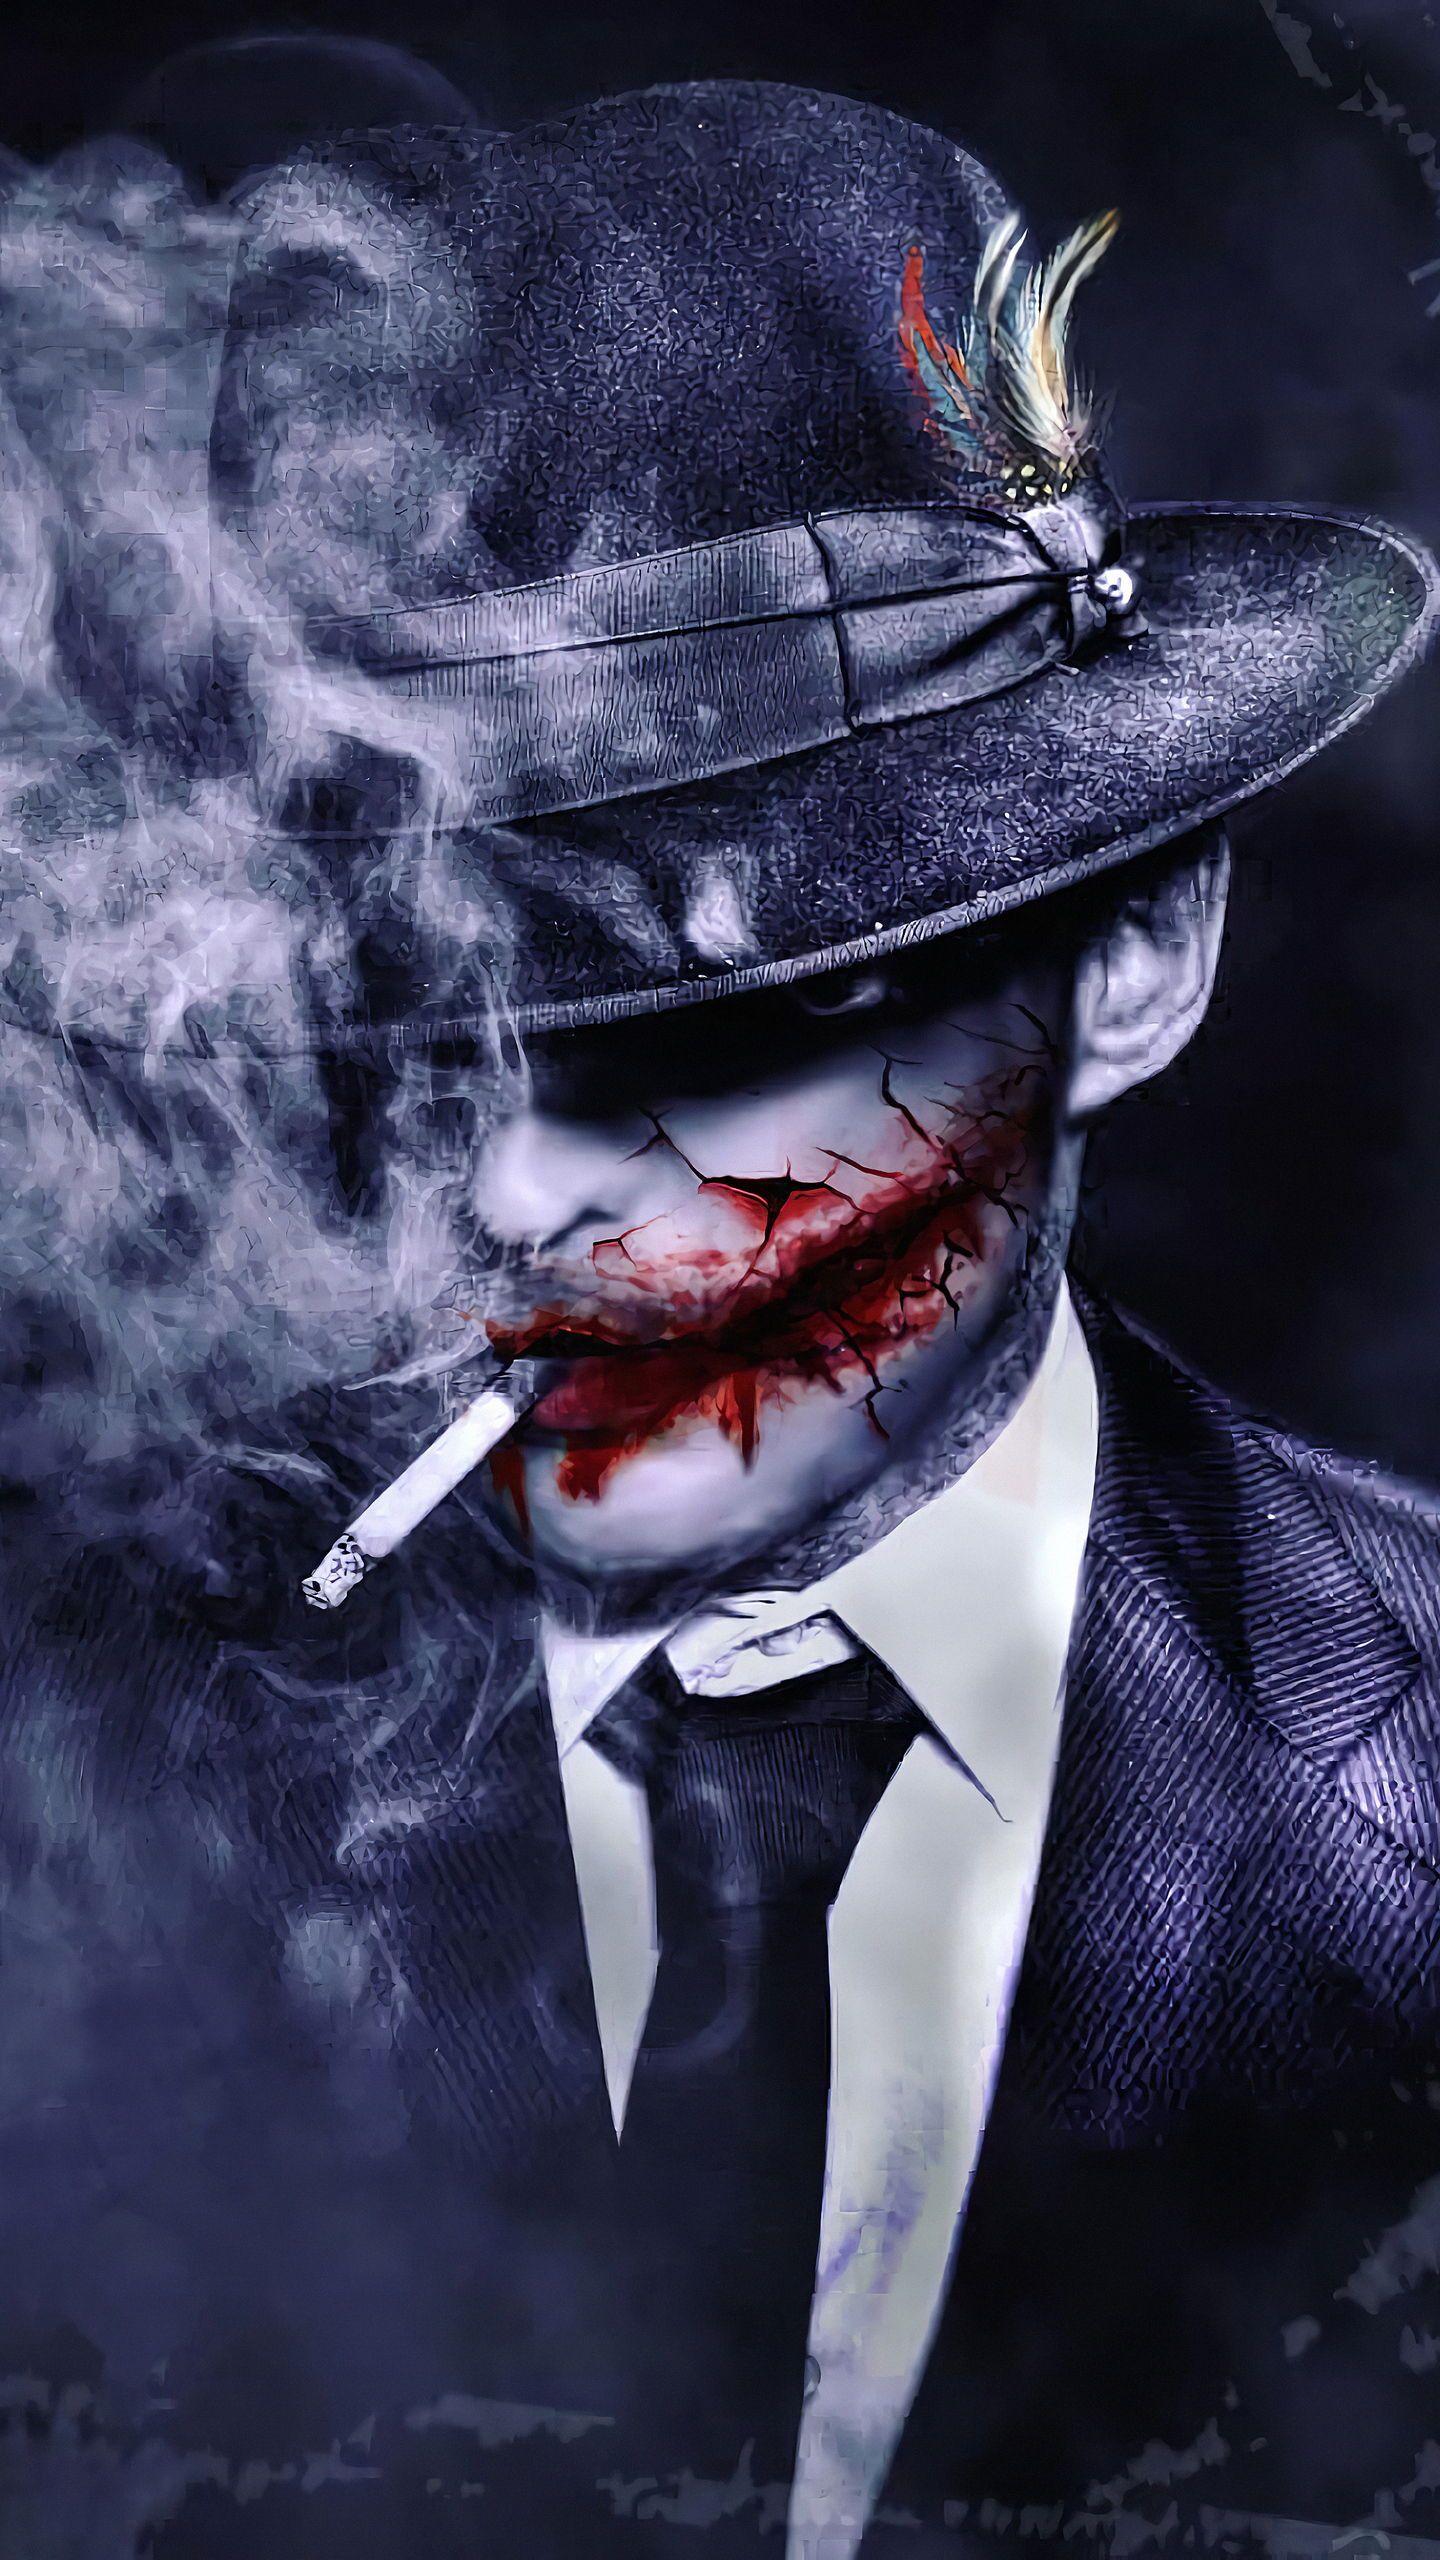 Pin by Darko on Tattoo in 2020 Joker wallpapers, Joker